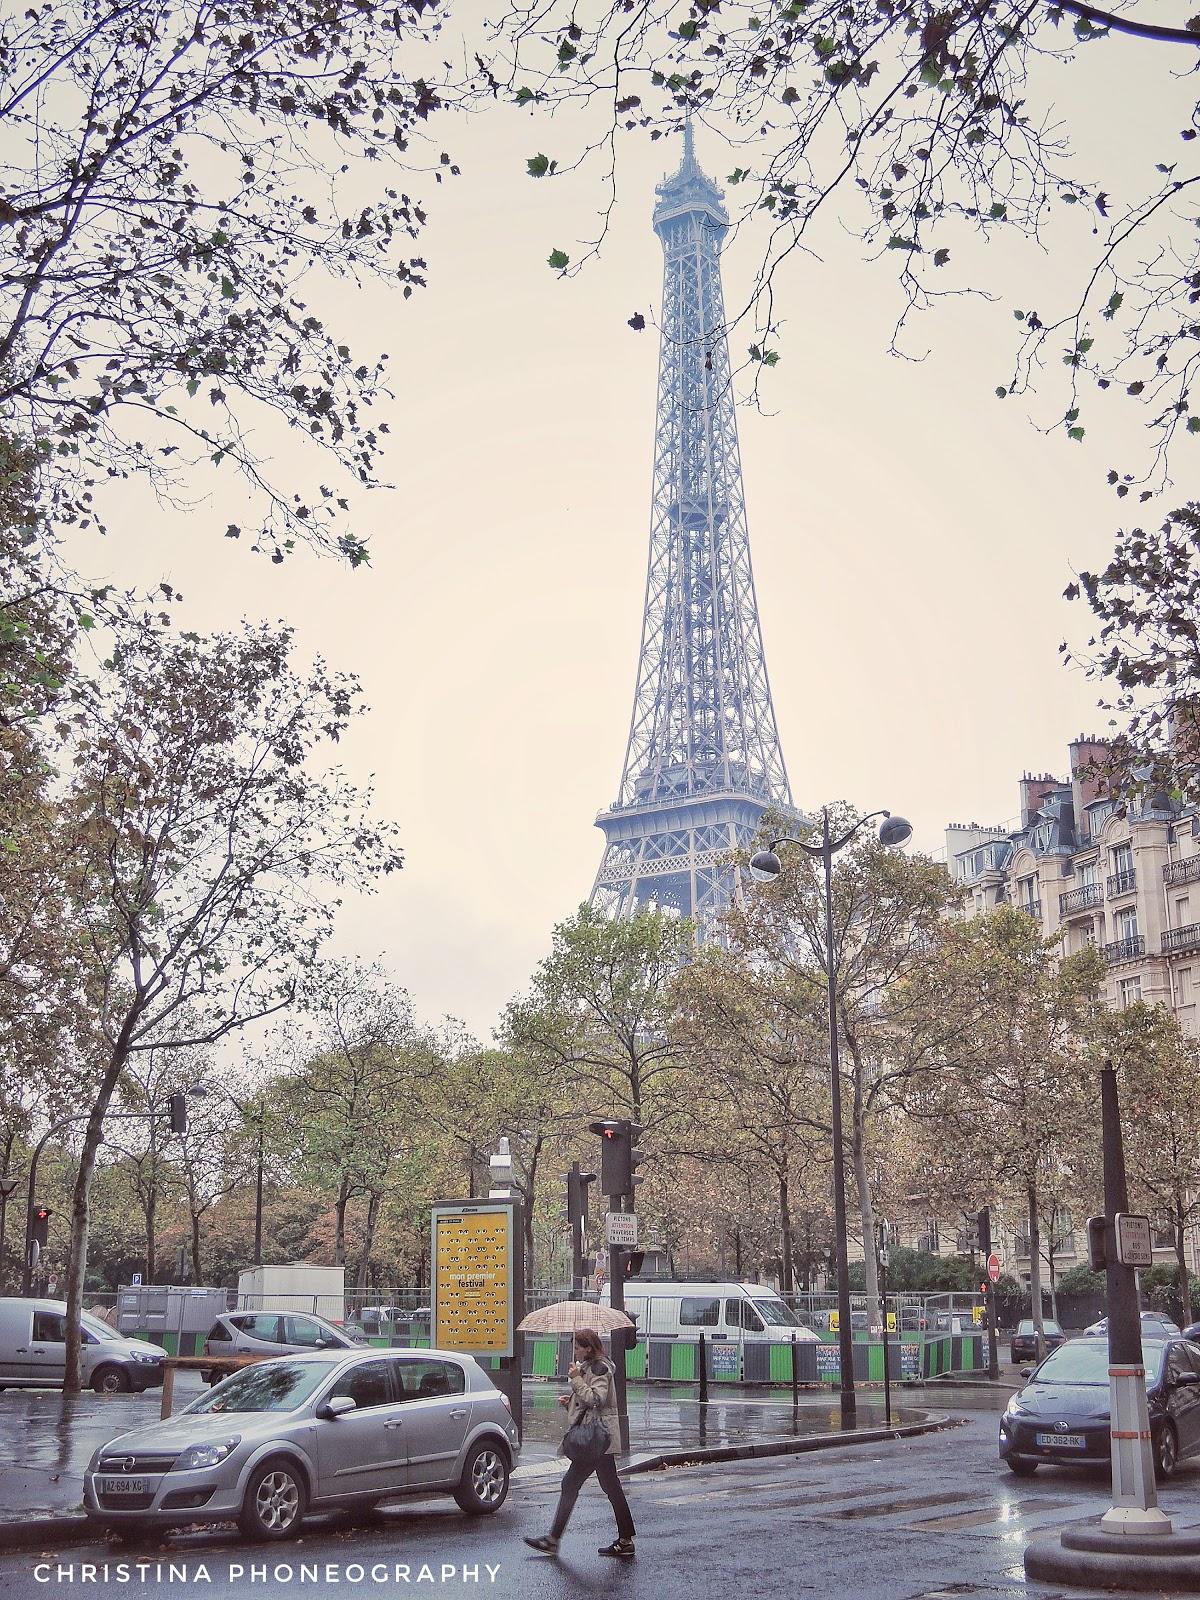 """Jardin Du Louvre Beau ◇汀だ悪魔天使な人生◇ □ å°è±¡ä¸Šå·´é Žæ°¸éæ˜¯ç¾Žå¥½çš""""ï¼ æ³•åœ‹ï¼½"""